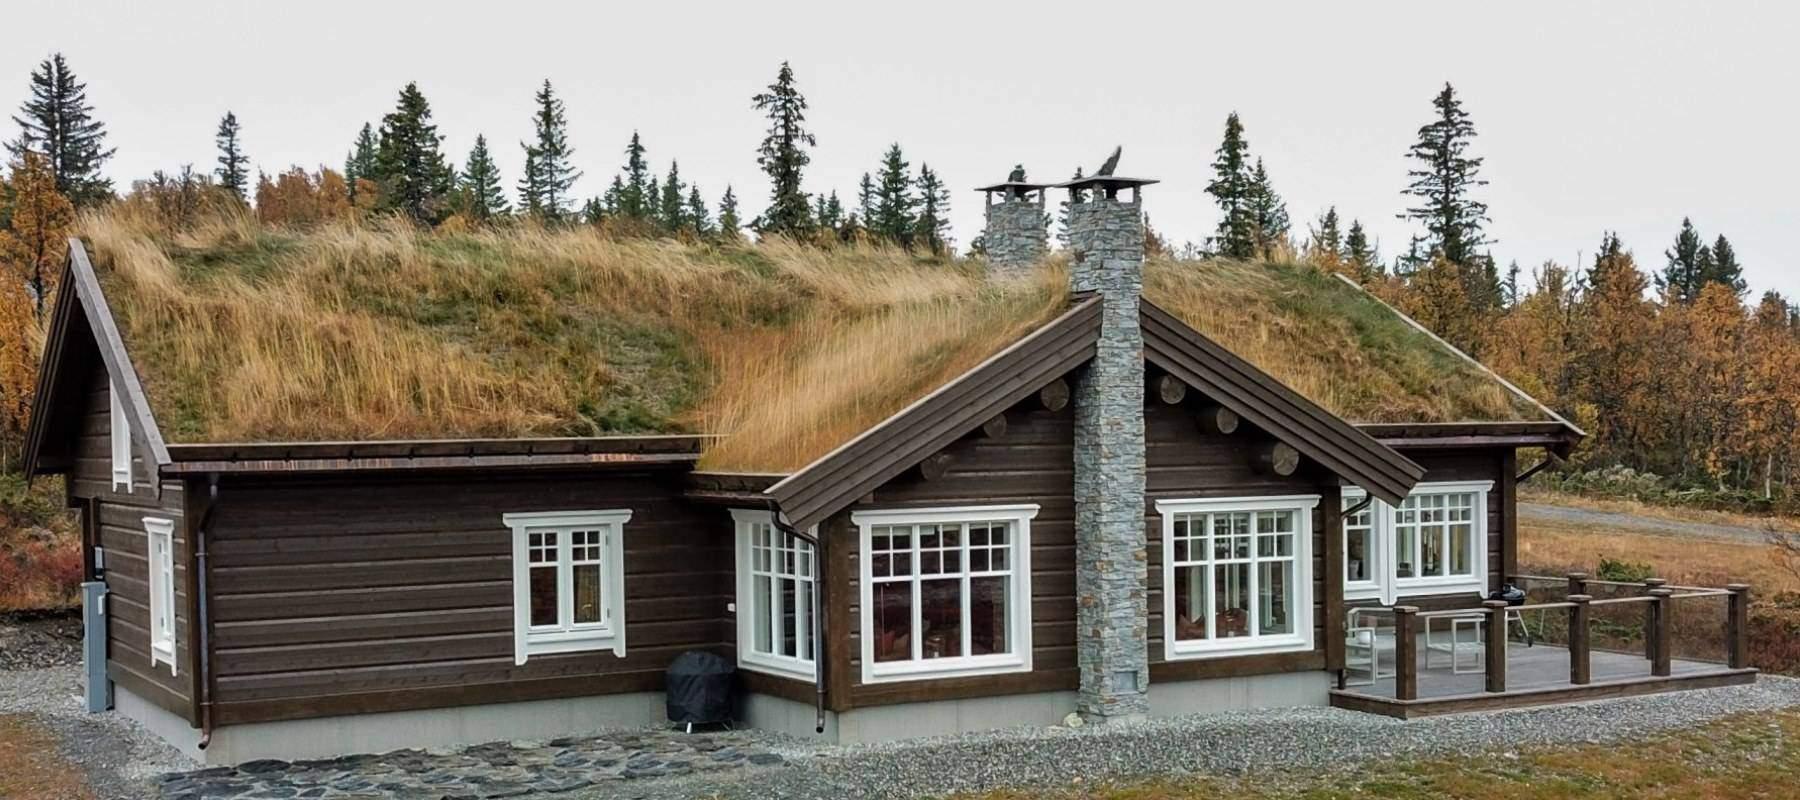 118 Hytteleverandor – Tiurtoppen Hytter Inspirasjon hytte pa Gålå